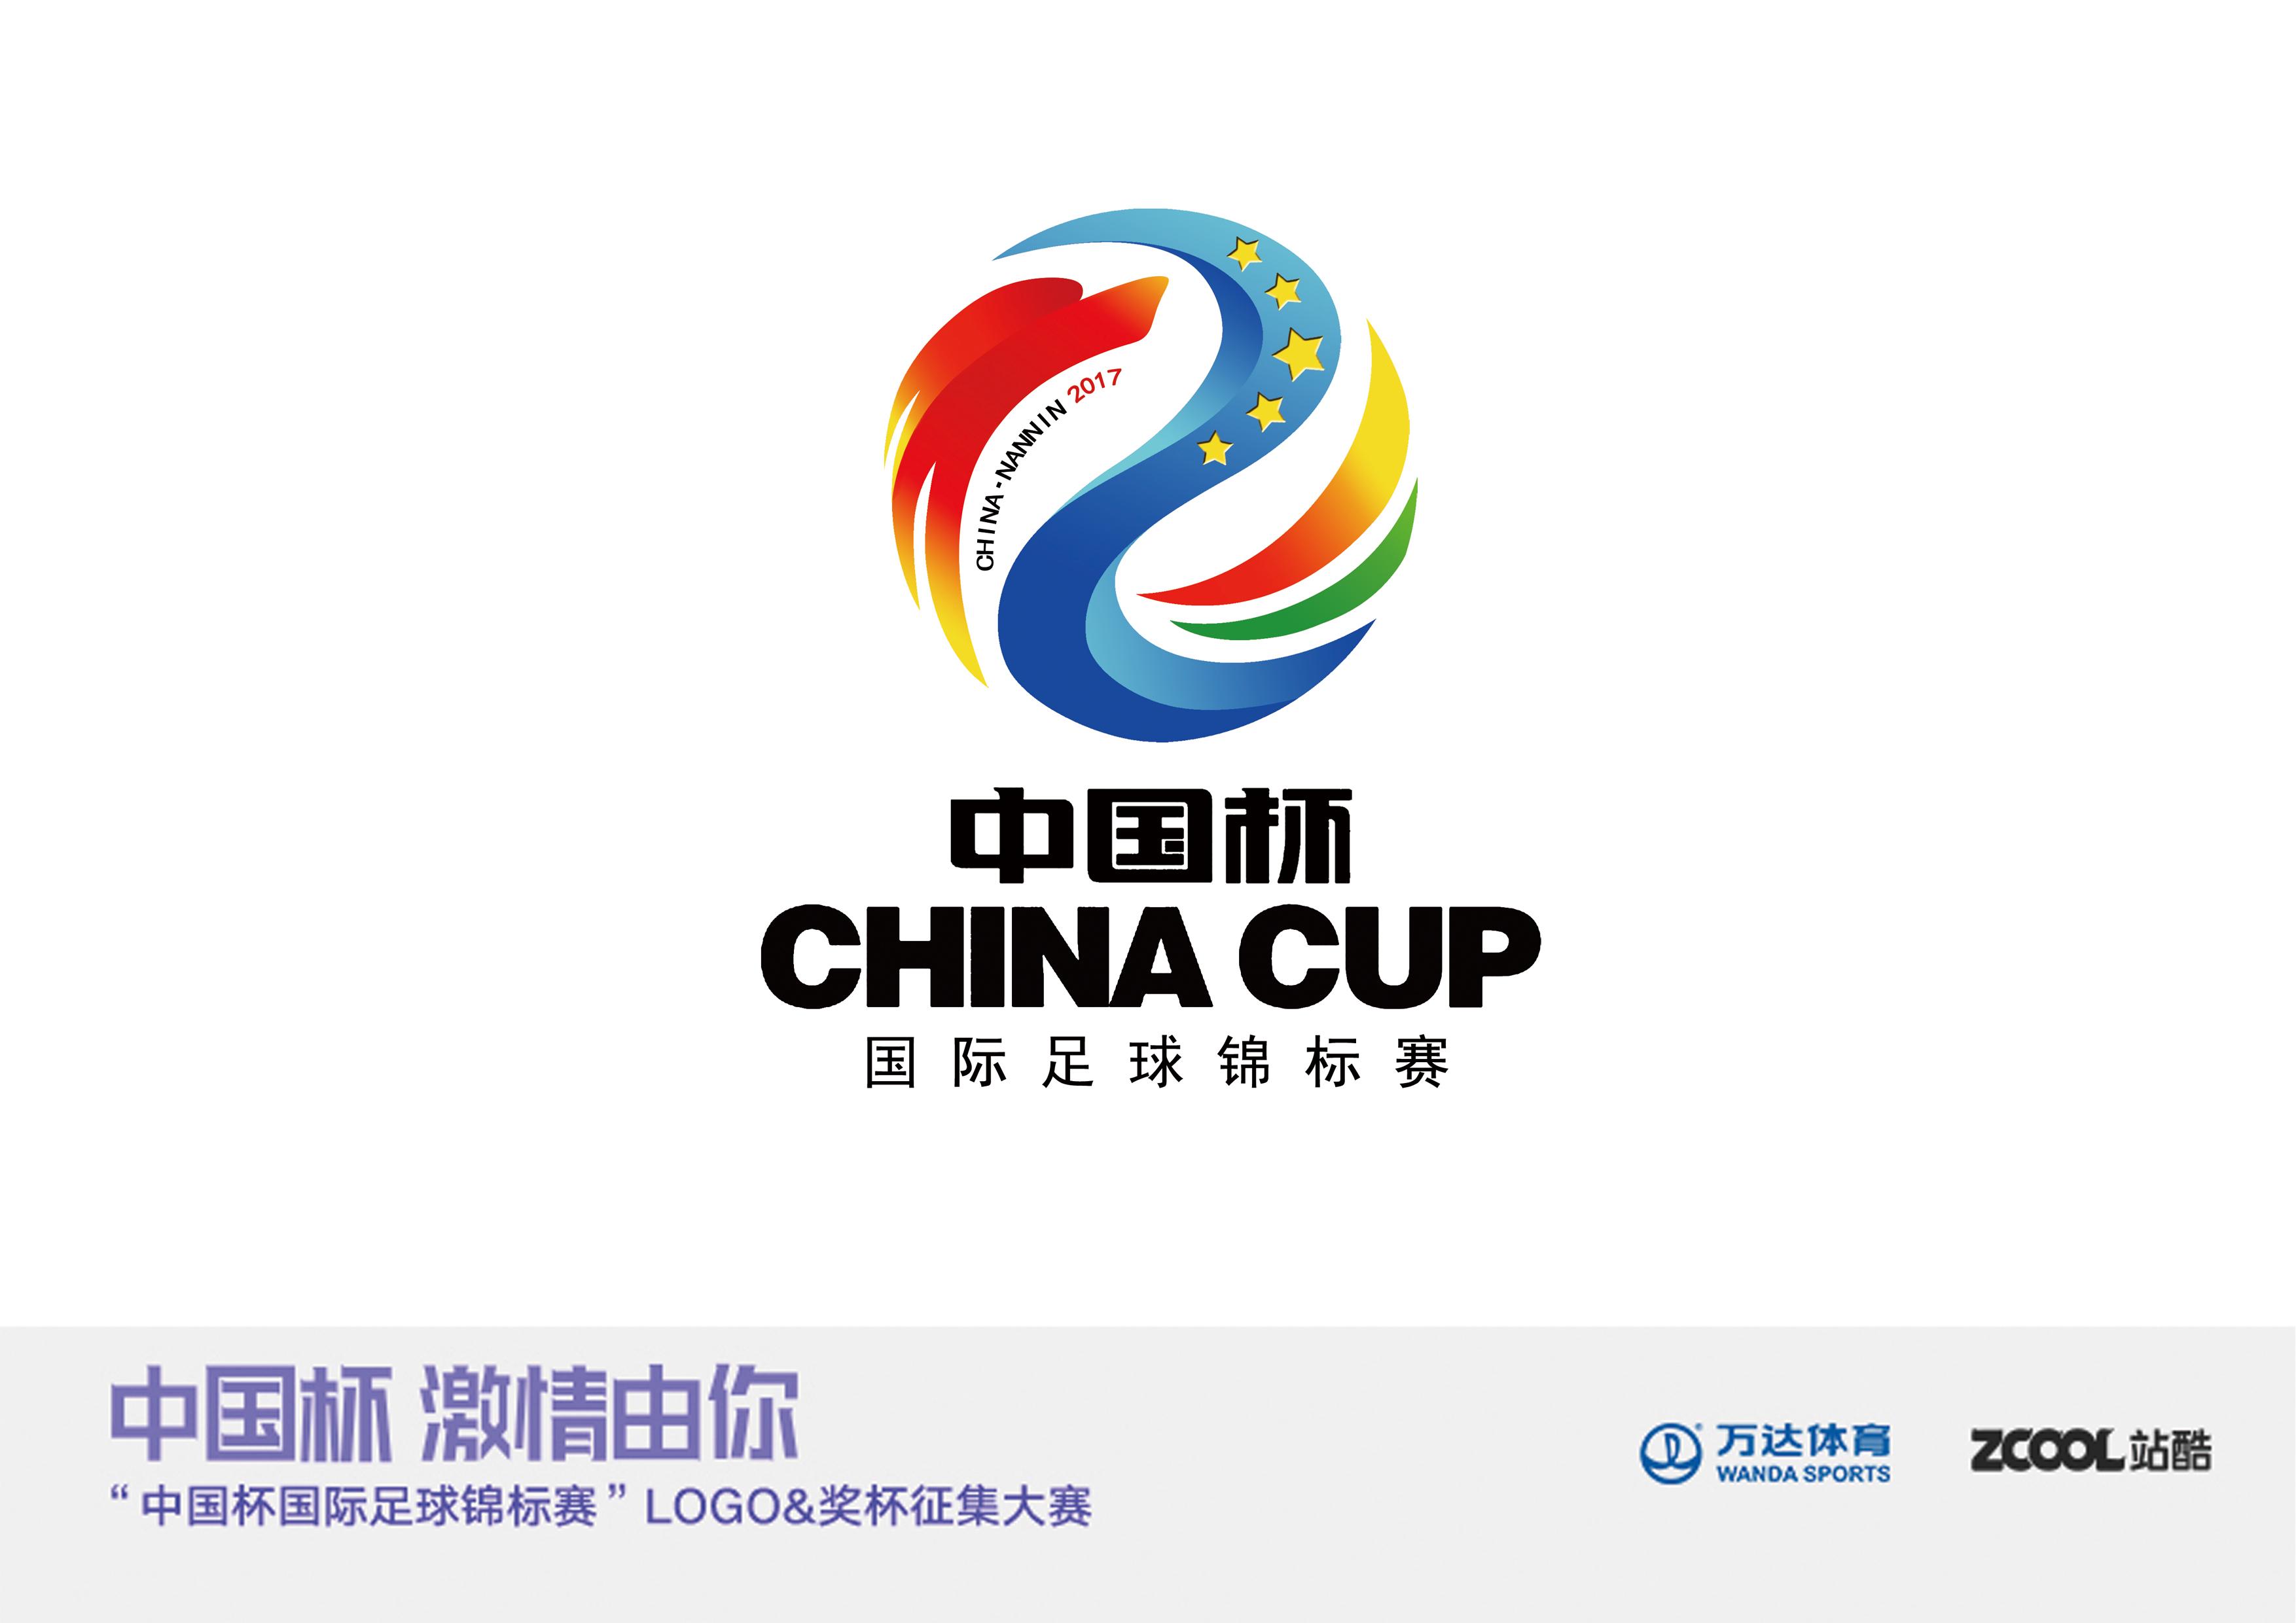 """正在参与:中国杯 激情由你   """"中国杯""""国际足球锦标赛logo&奖杯征集图片"""